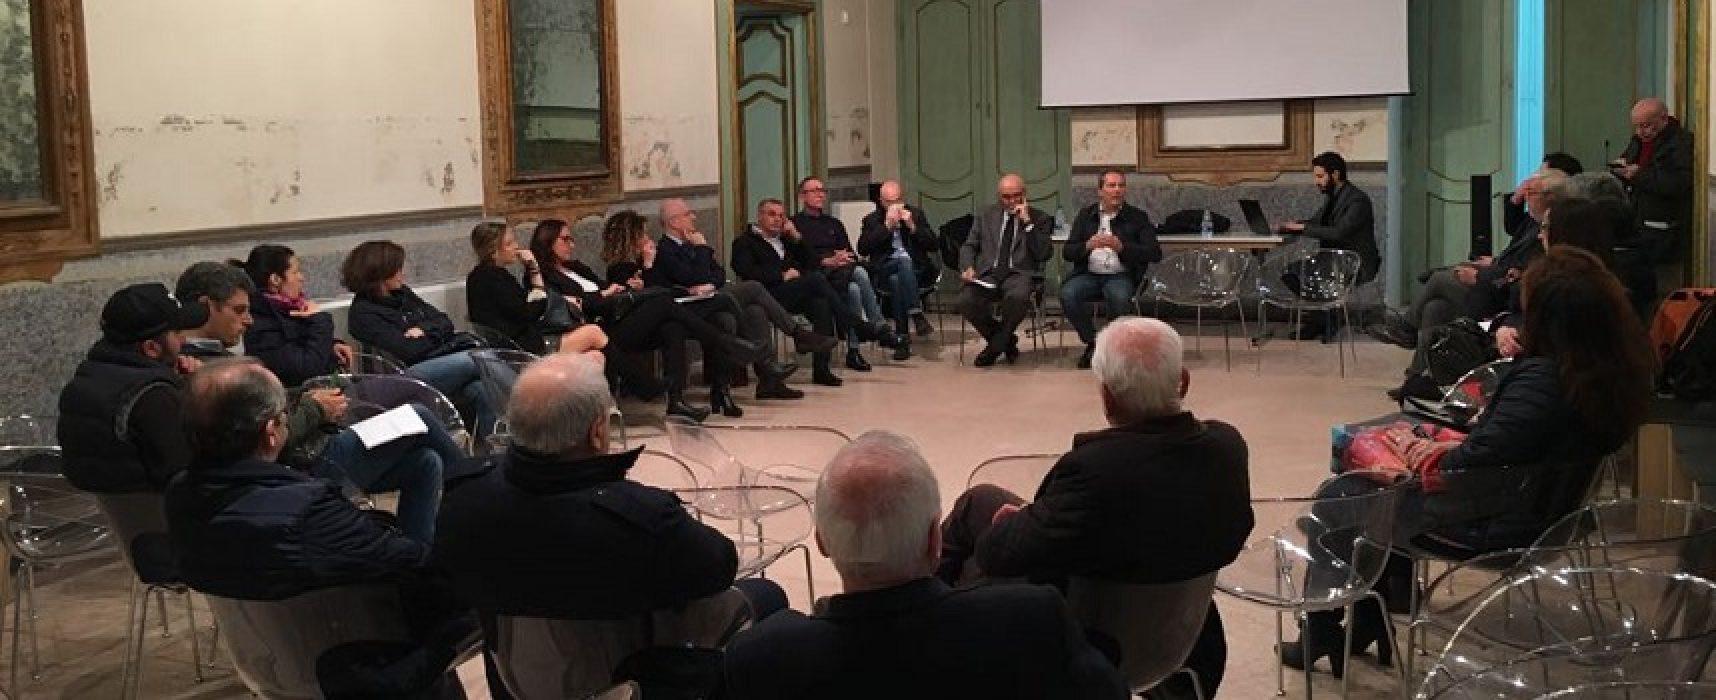 Partita la stesura del primo bilancio sociale, l'amministrazione incontra i cittadini